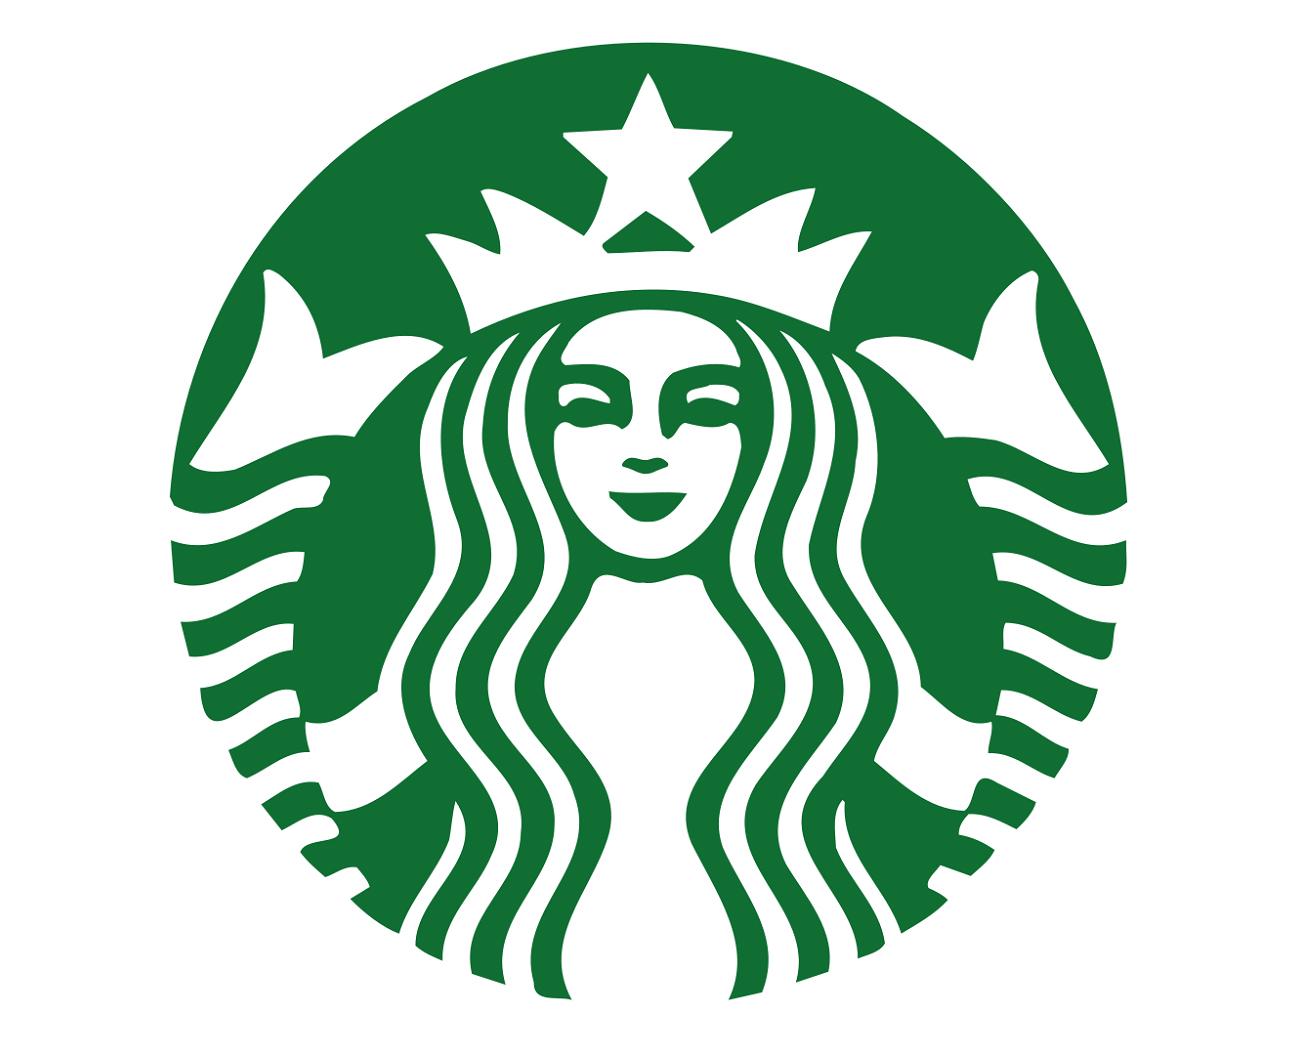 Логотипи із ВЕЛИКИМ впливом на успіх компанії: історія Starbucks